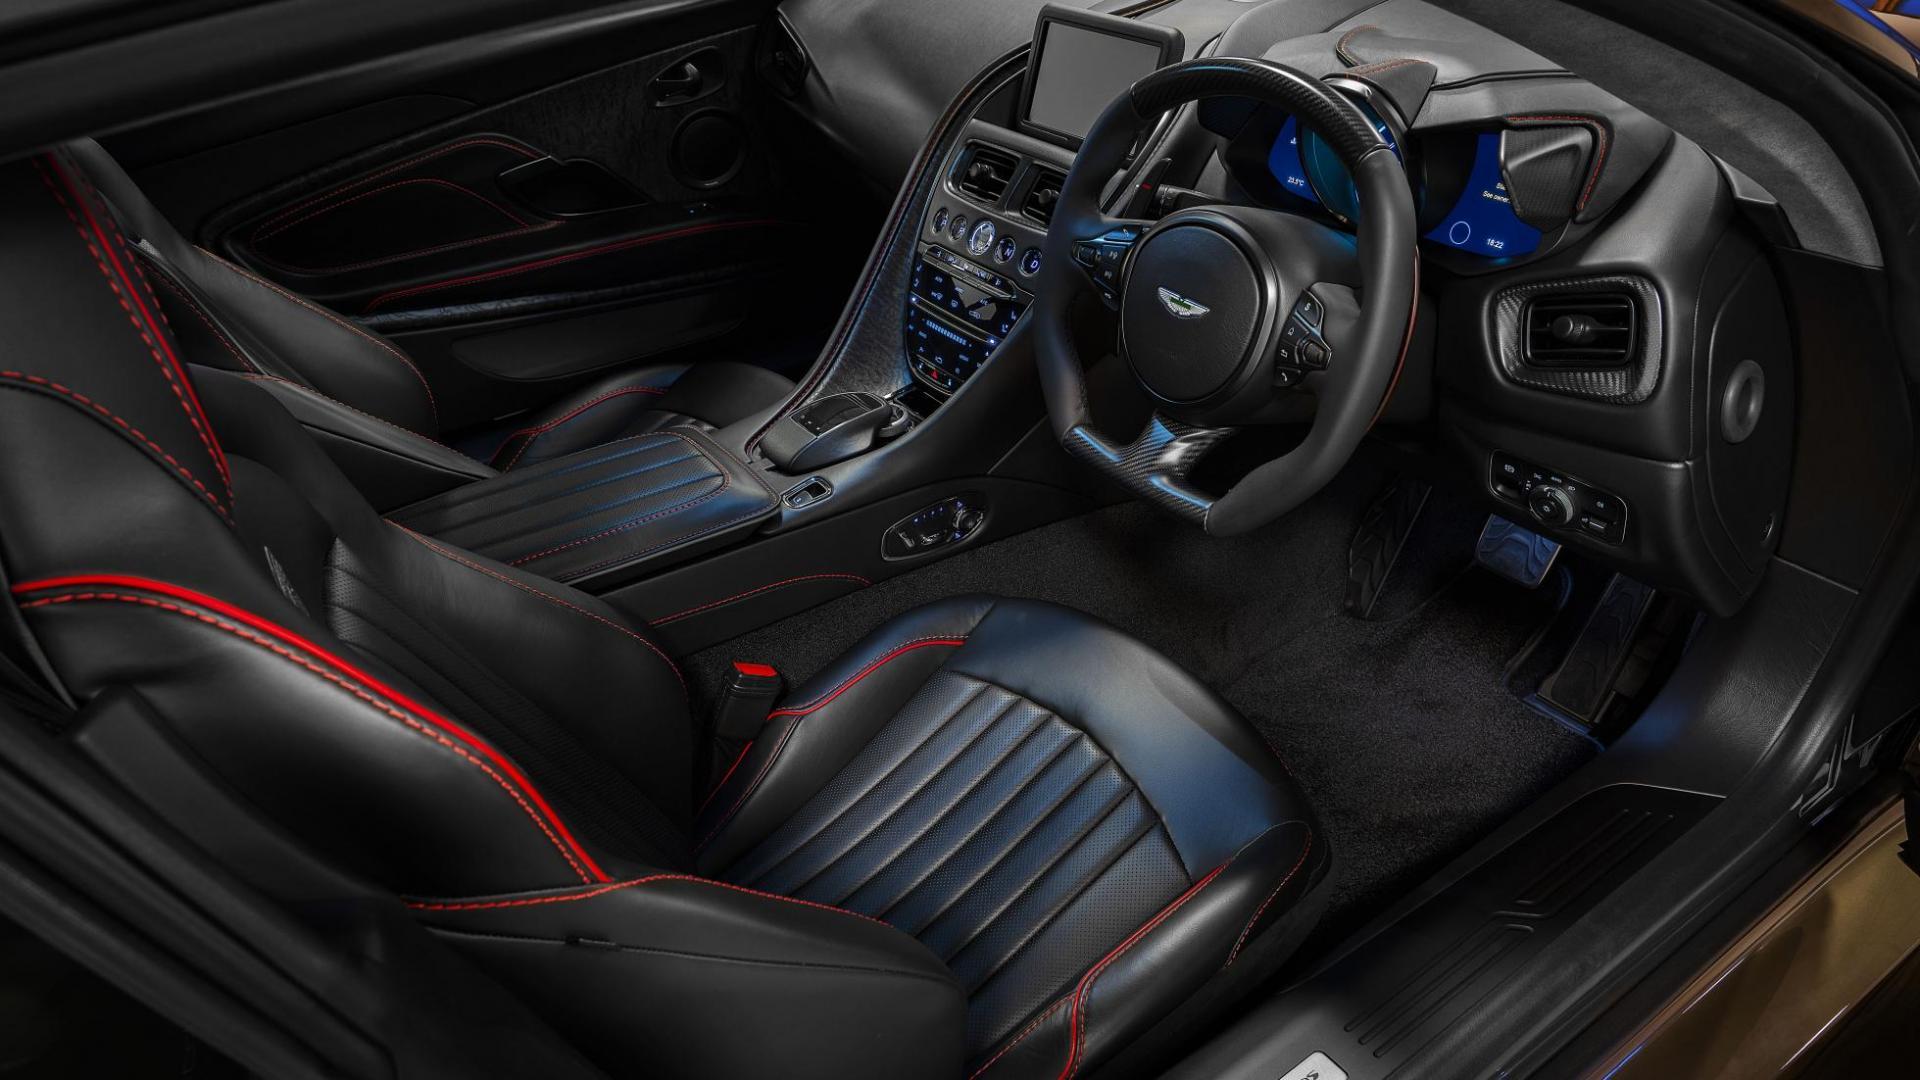 Aston Martin DBS OHMMS Edition dashboard interieur